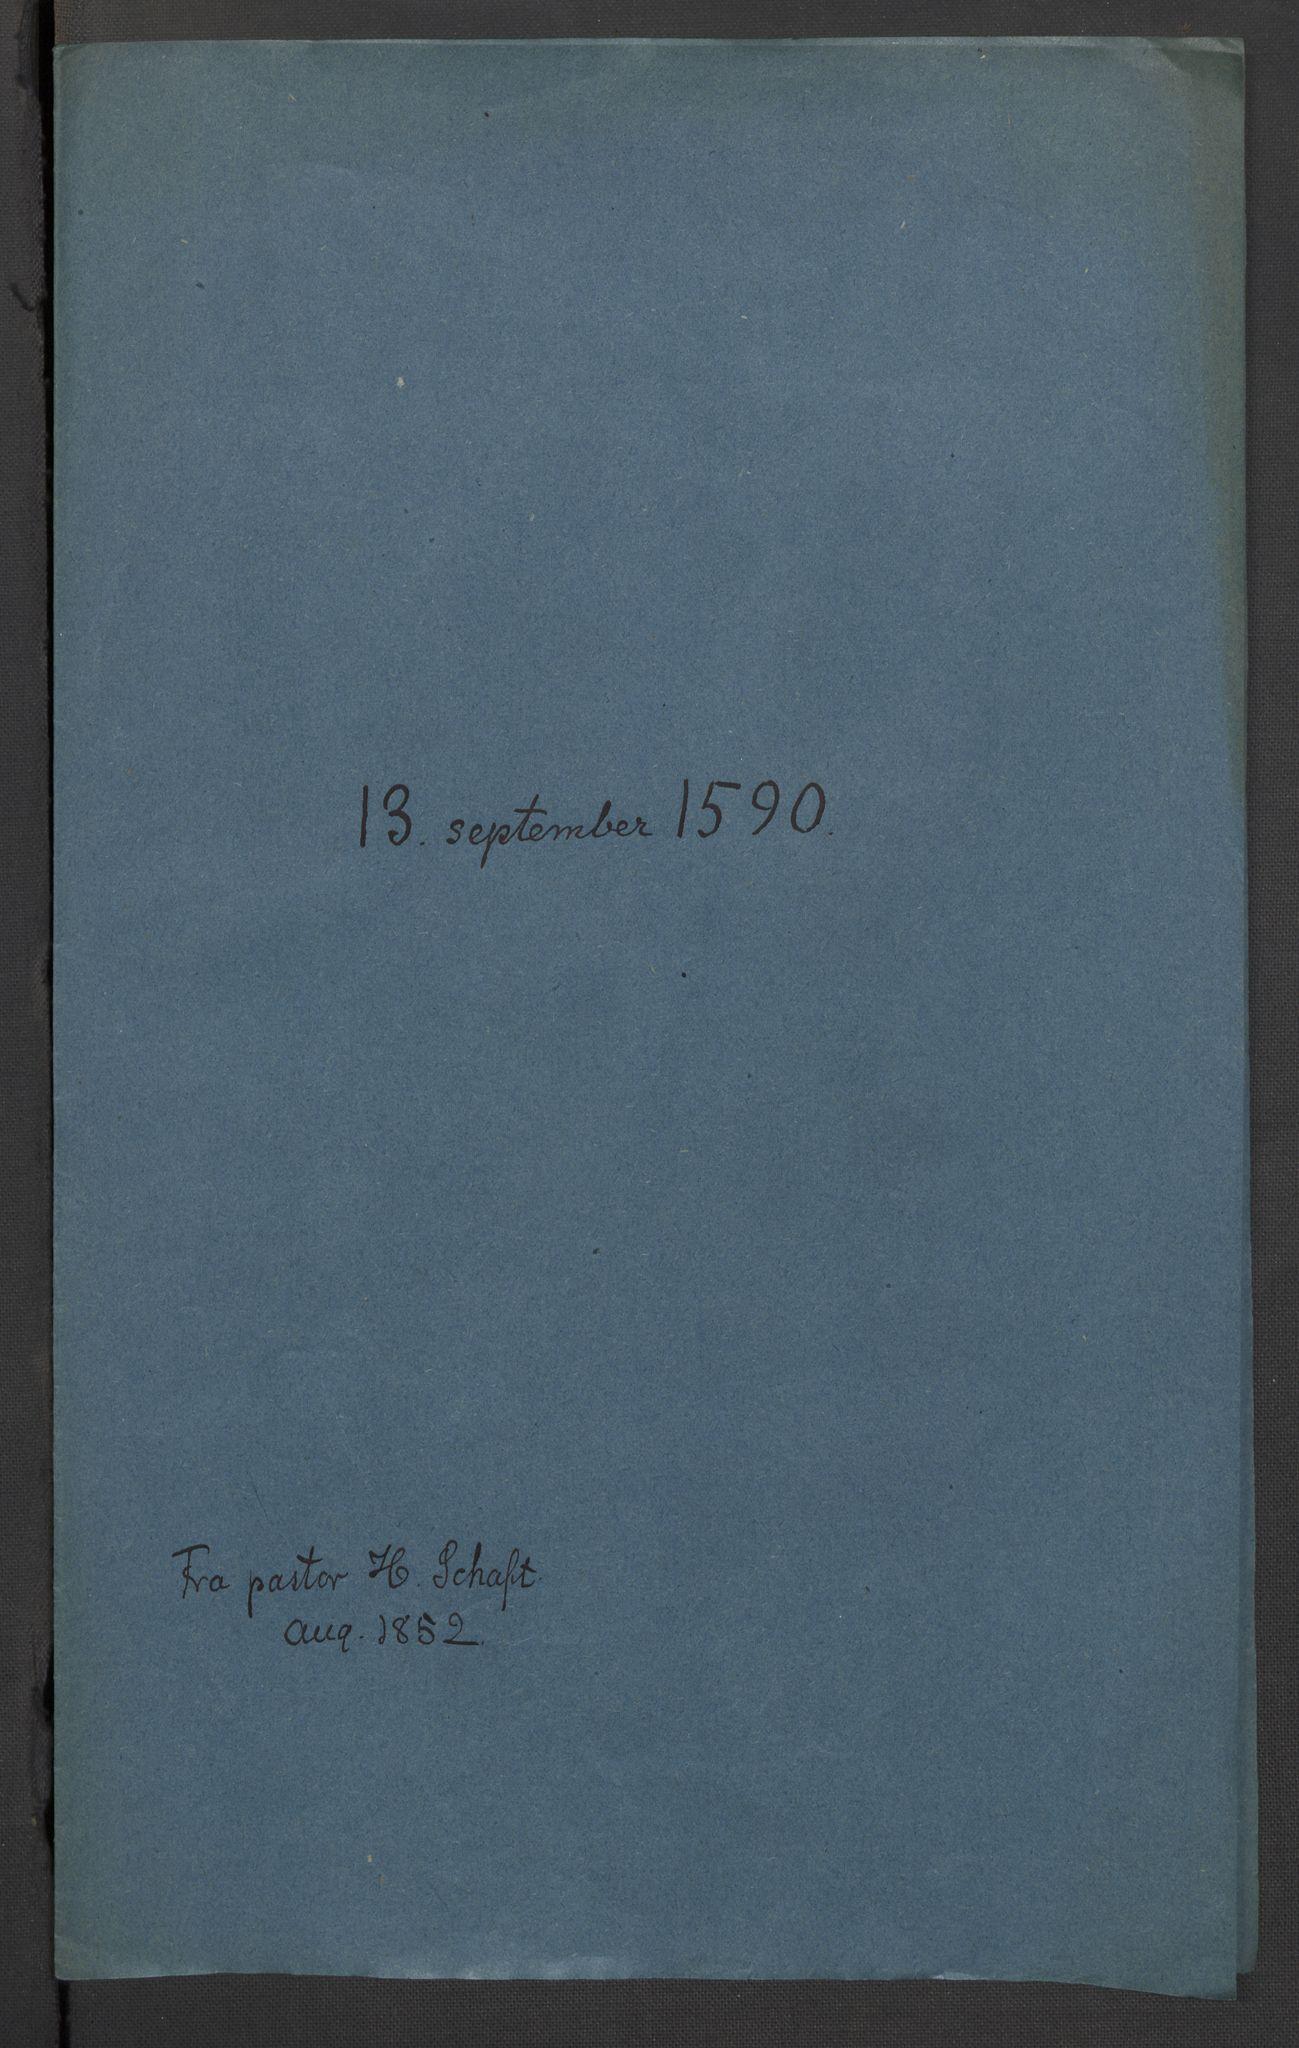 RA, Riksarkivets diplomsamling, F02/L0092: Dokumenter, 1590, s. 16